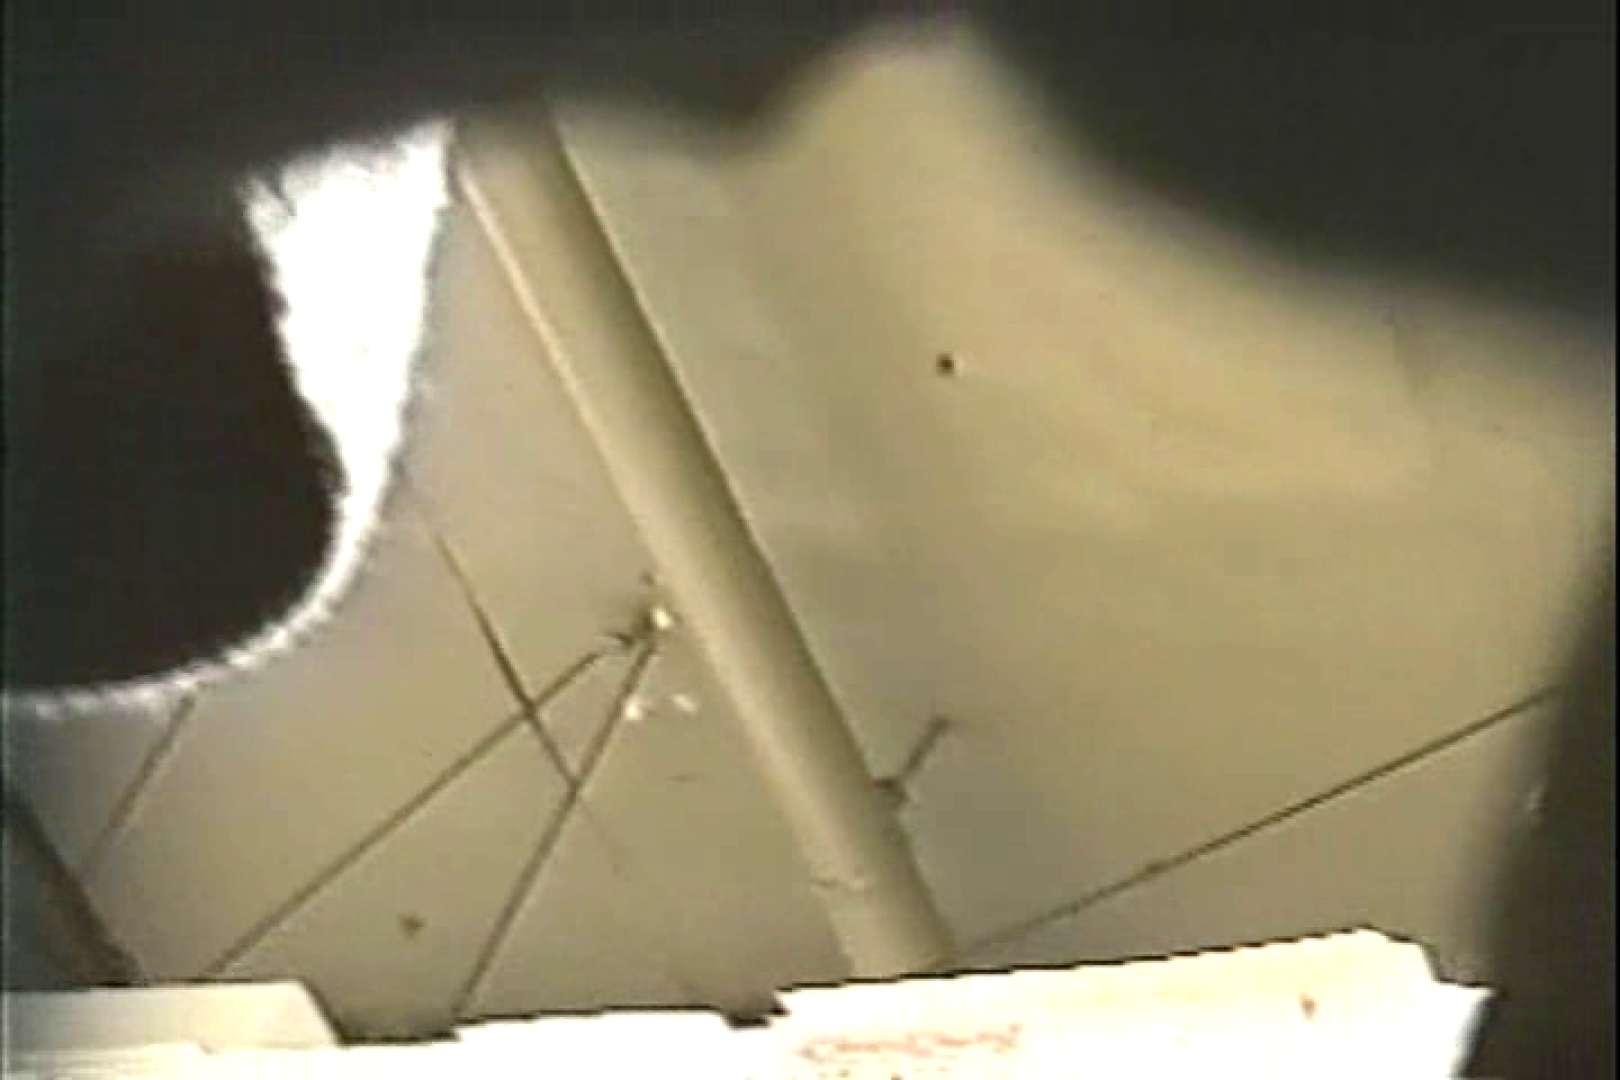 「ちくりん」さんのオリジナル未編集パンチラVol.3_02 チラ歓迎 オマンコ動画キャプチャ 81pic 79